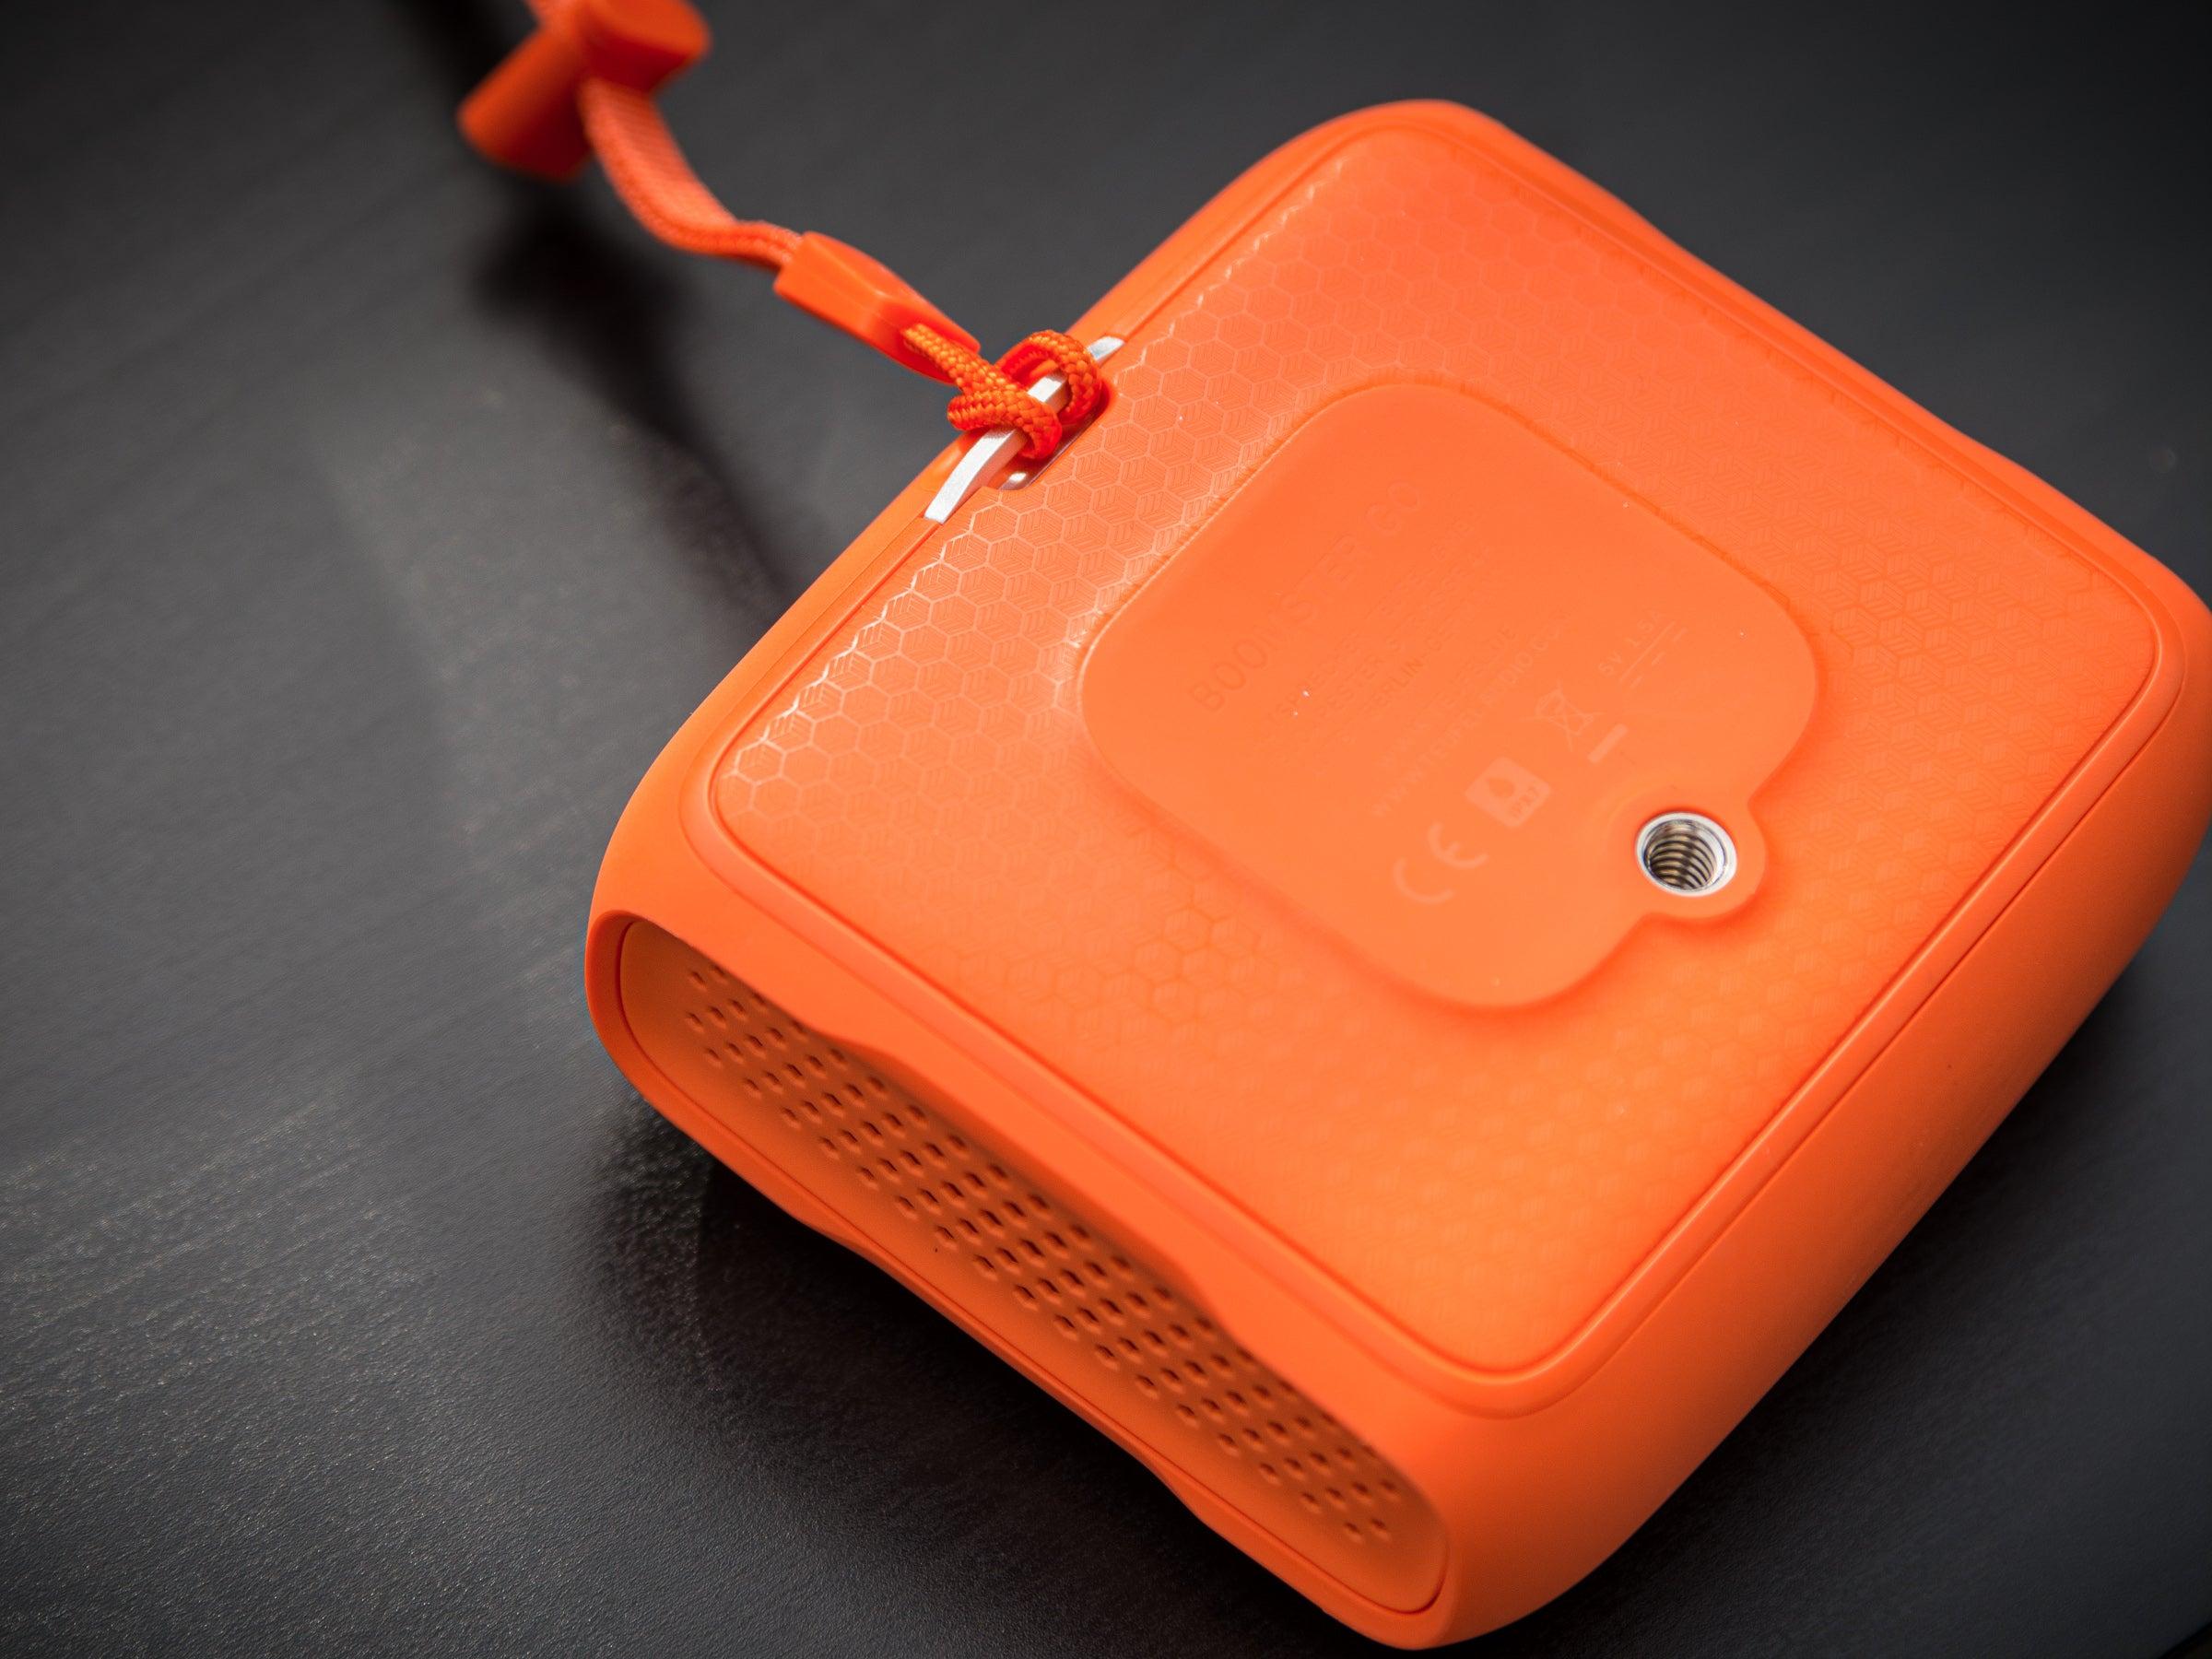 Das 1/4-Zoll-Gewinde auf der Rückseite macht den Lautsprecher flexibel einsetzbar